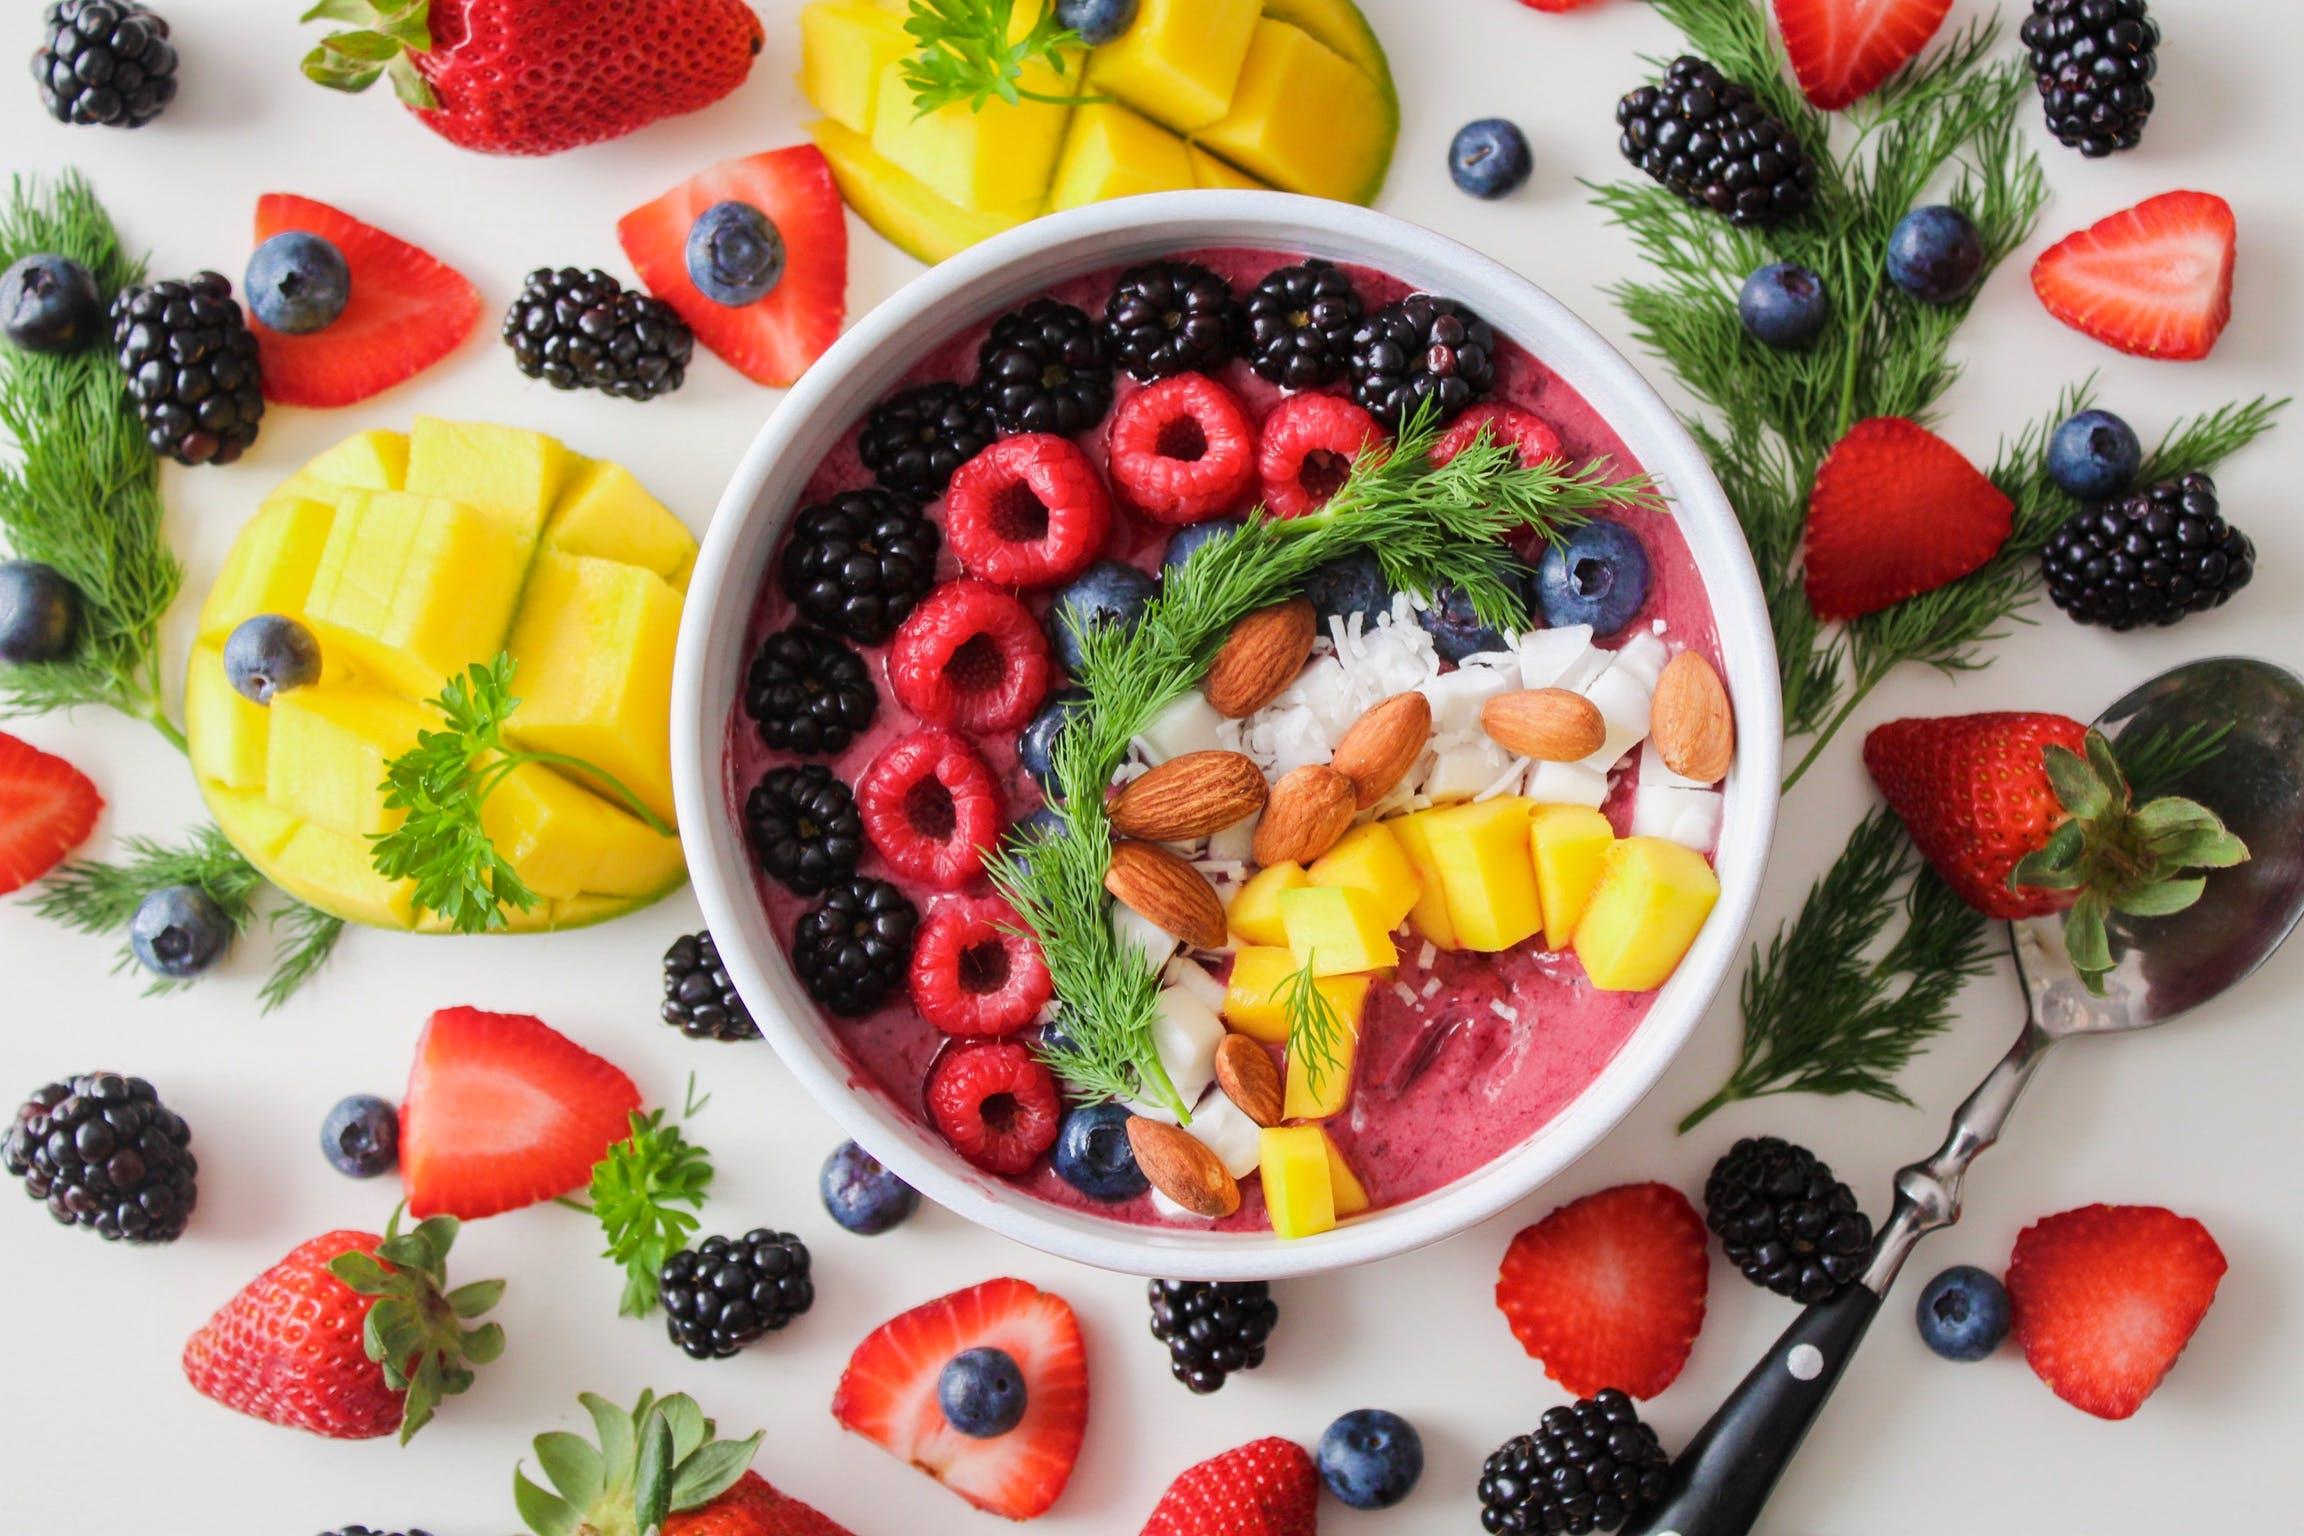 Kostenloses Stock Foto zu beeren, blaubeeren, brombeeren, erdbeeren